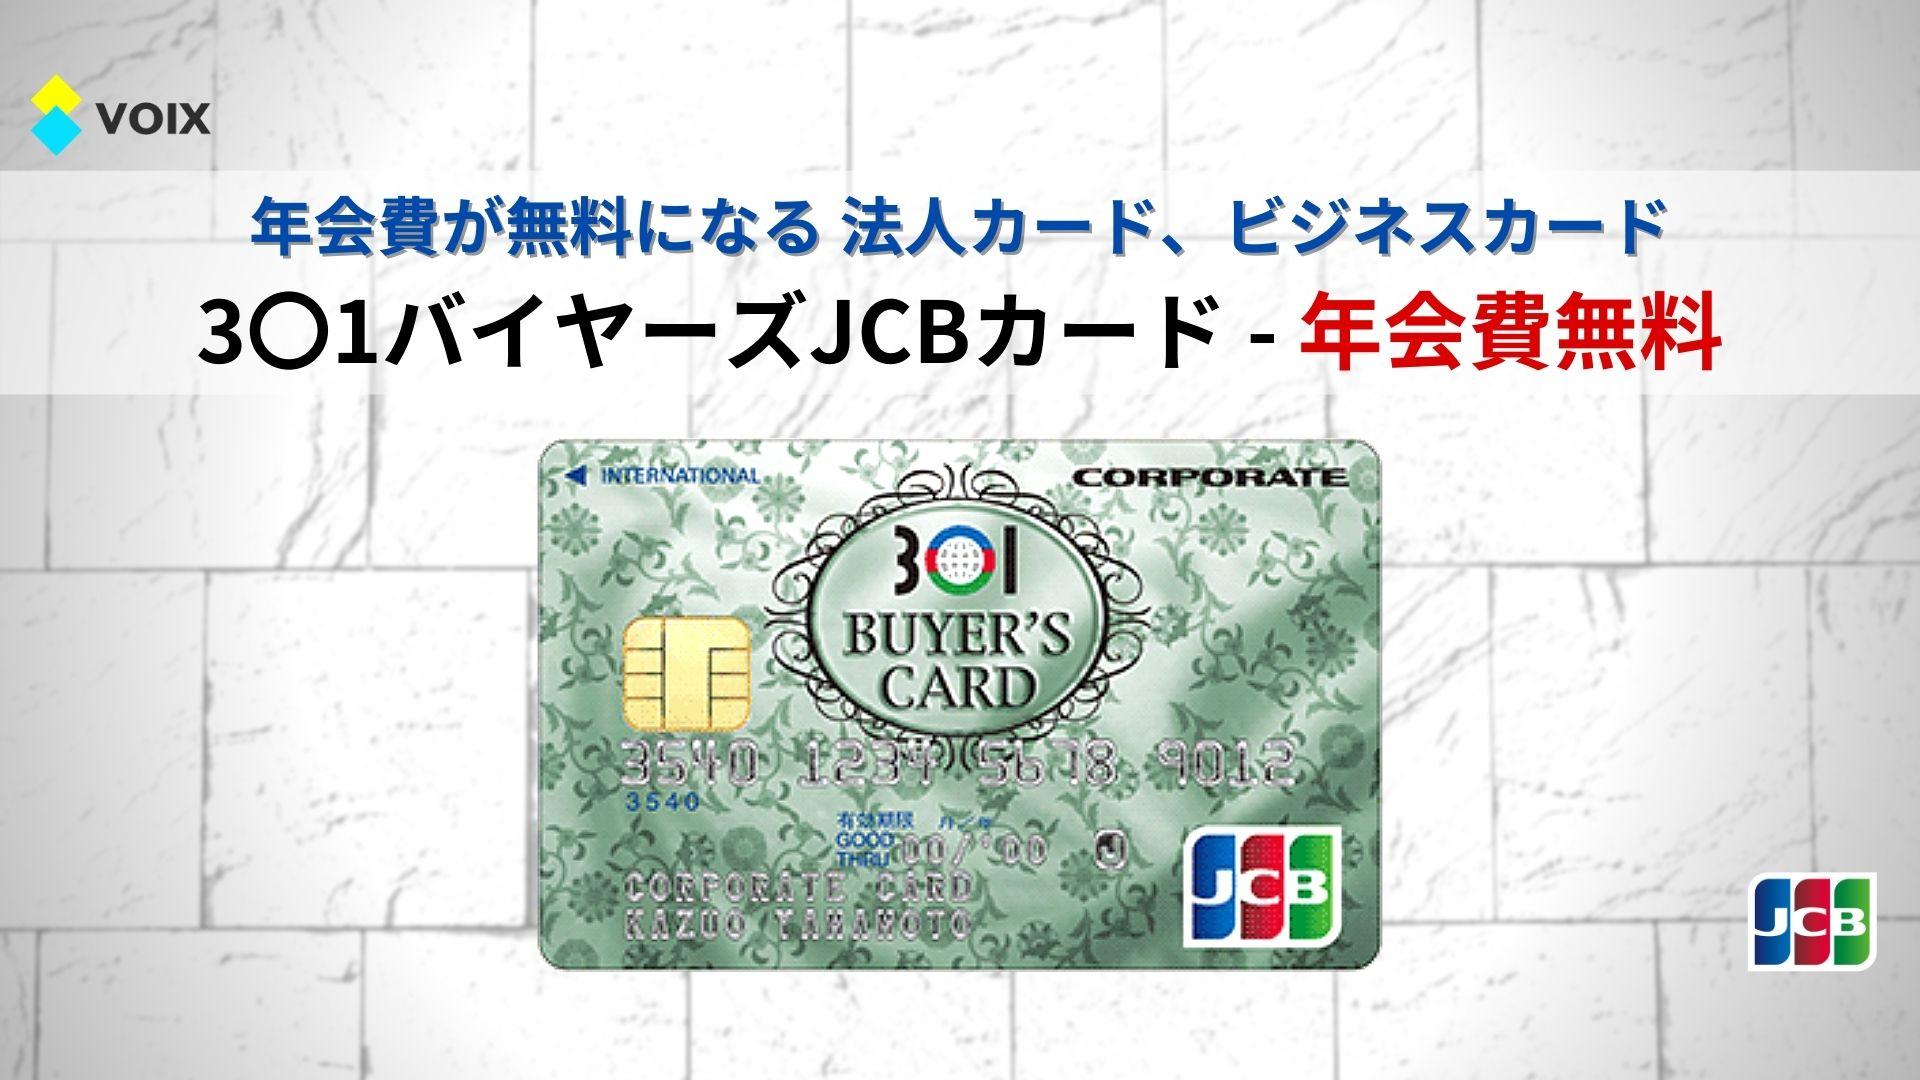 3〇1バイヤーズ JCB法人カード - 年会費無料 - メリット、年会費、限度額、審査、ETC、特典、締め日 など詳しく解説